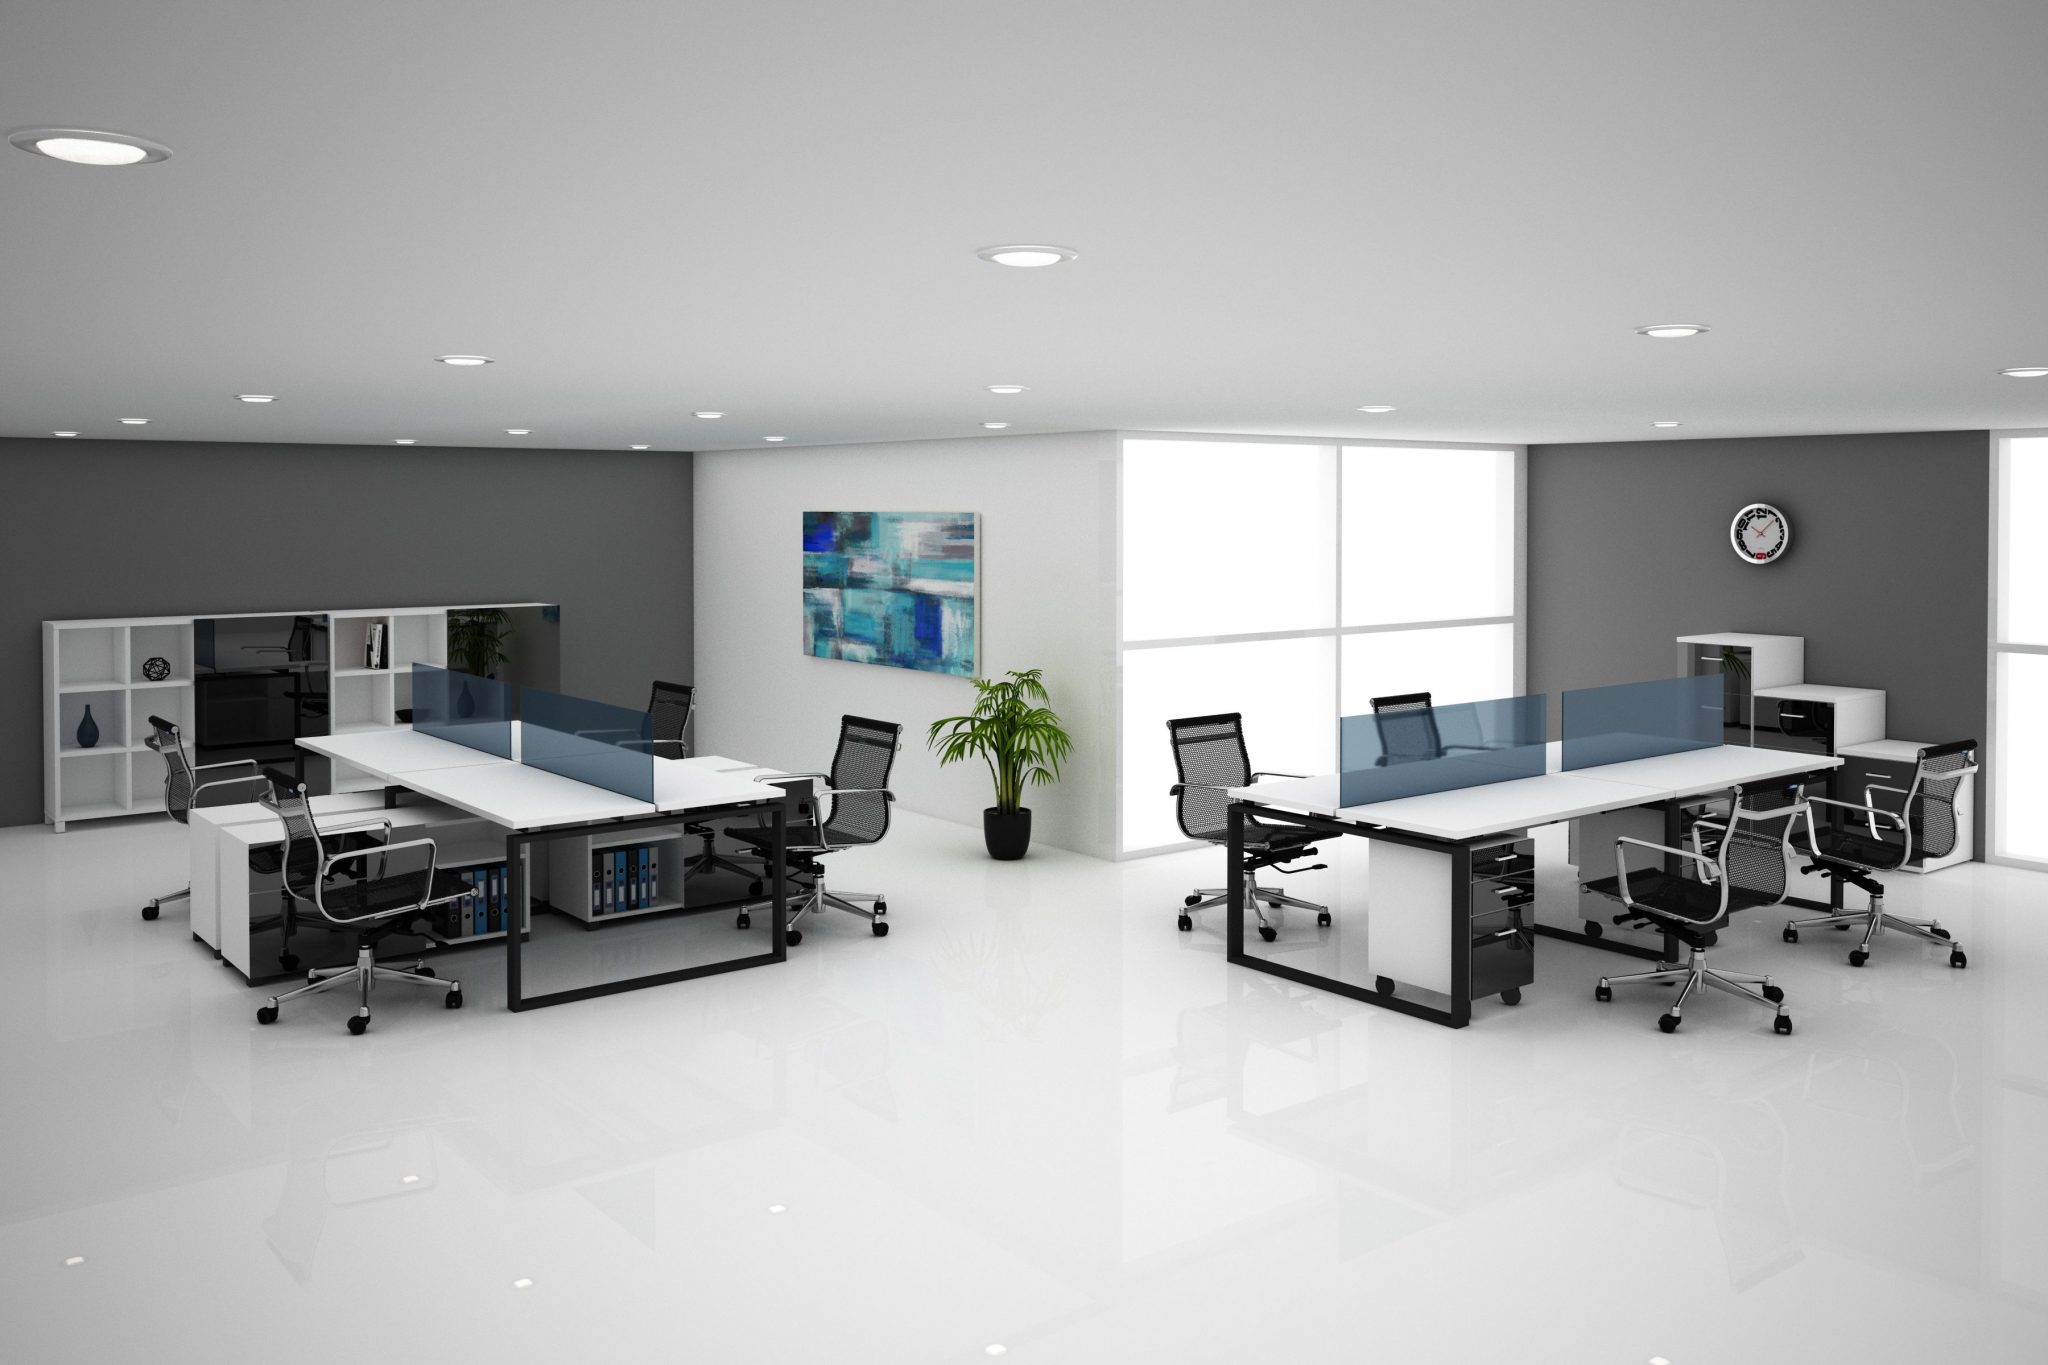 Elegantes Escritorios De Oficina Modernos.Tumueble Fabricantes De Muebles De Oficina En Guadalajara